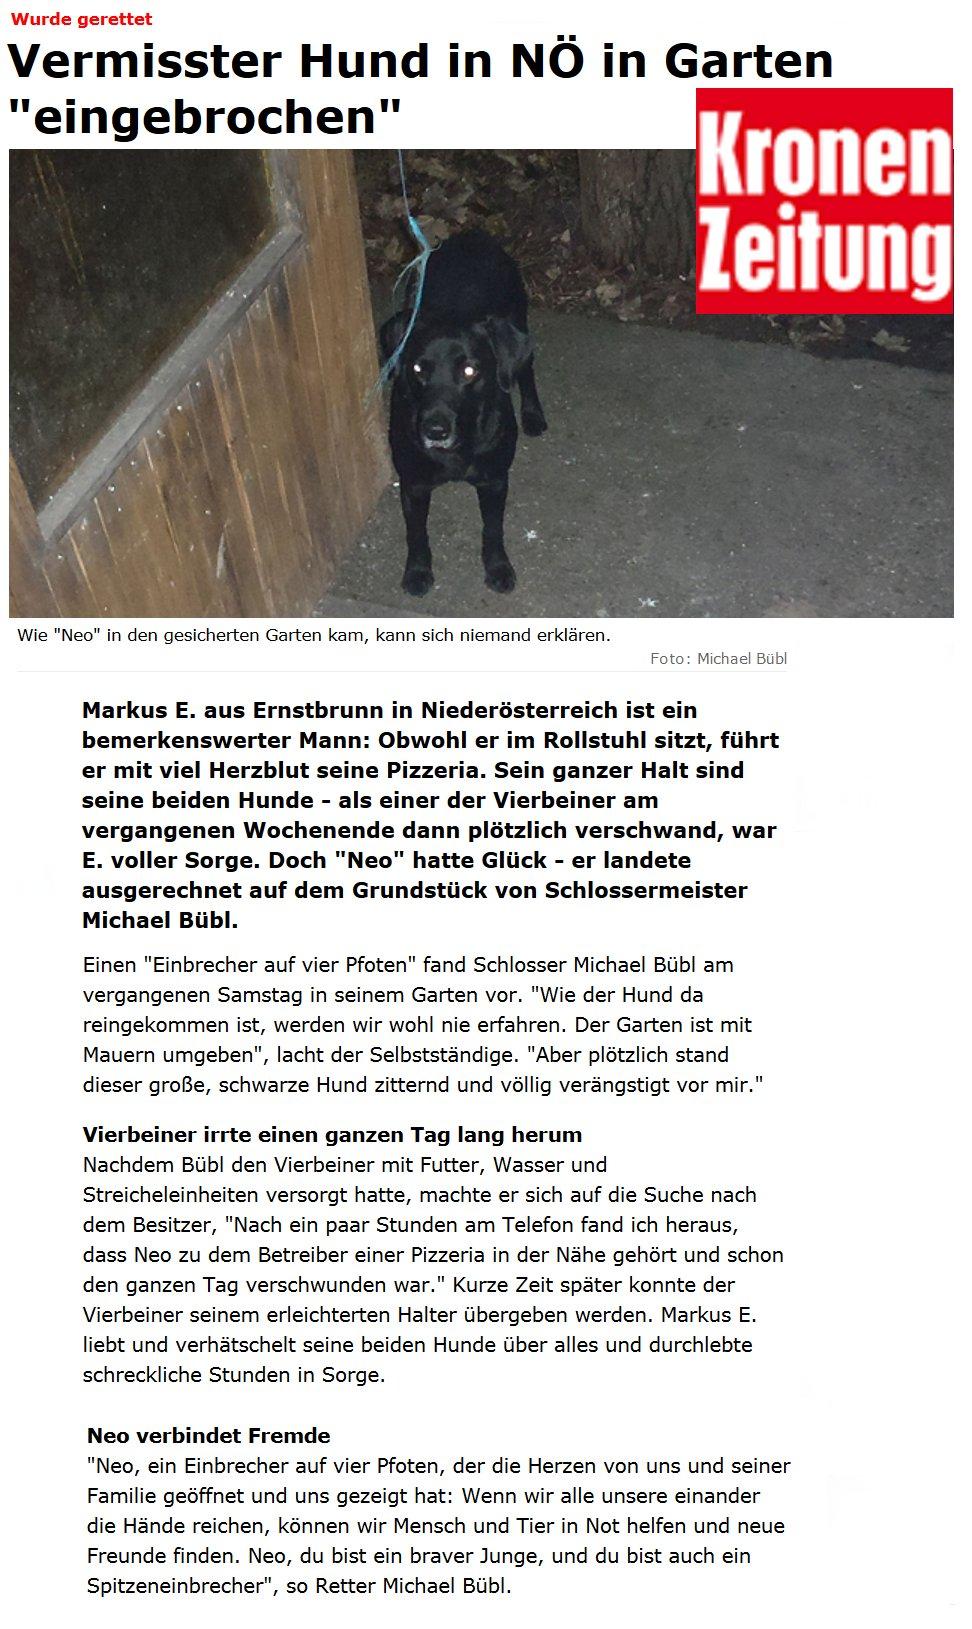 """Einbrecher Hund Neo gelangte in die Schlagzeilen der """"Krone"""" Wie der """"Einbrecher auf vier Pfoten"""" es geschafft hat über hohe Mauern zu gelagen, das bleibt sein Geheimnis"""